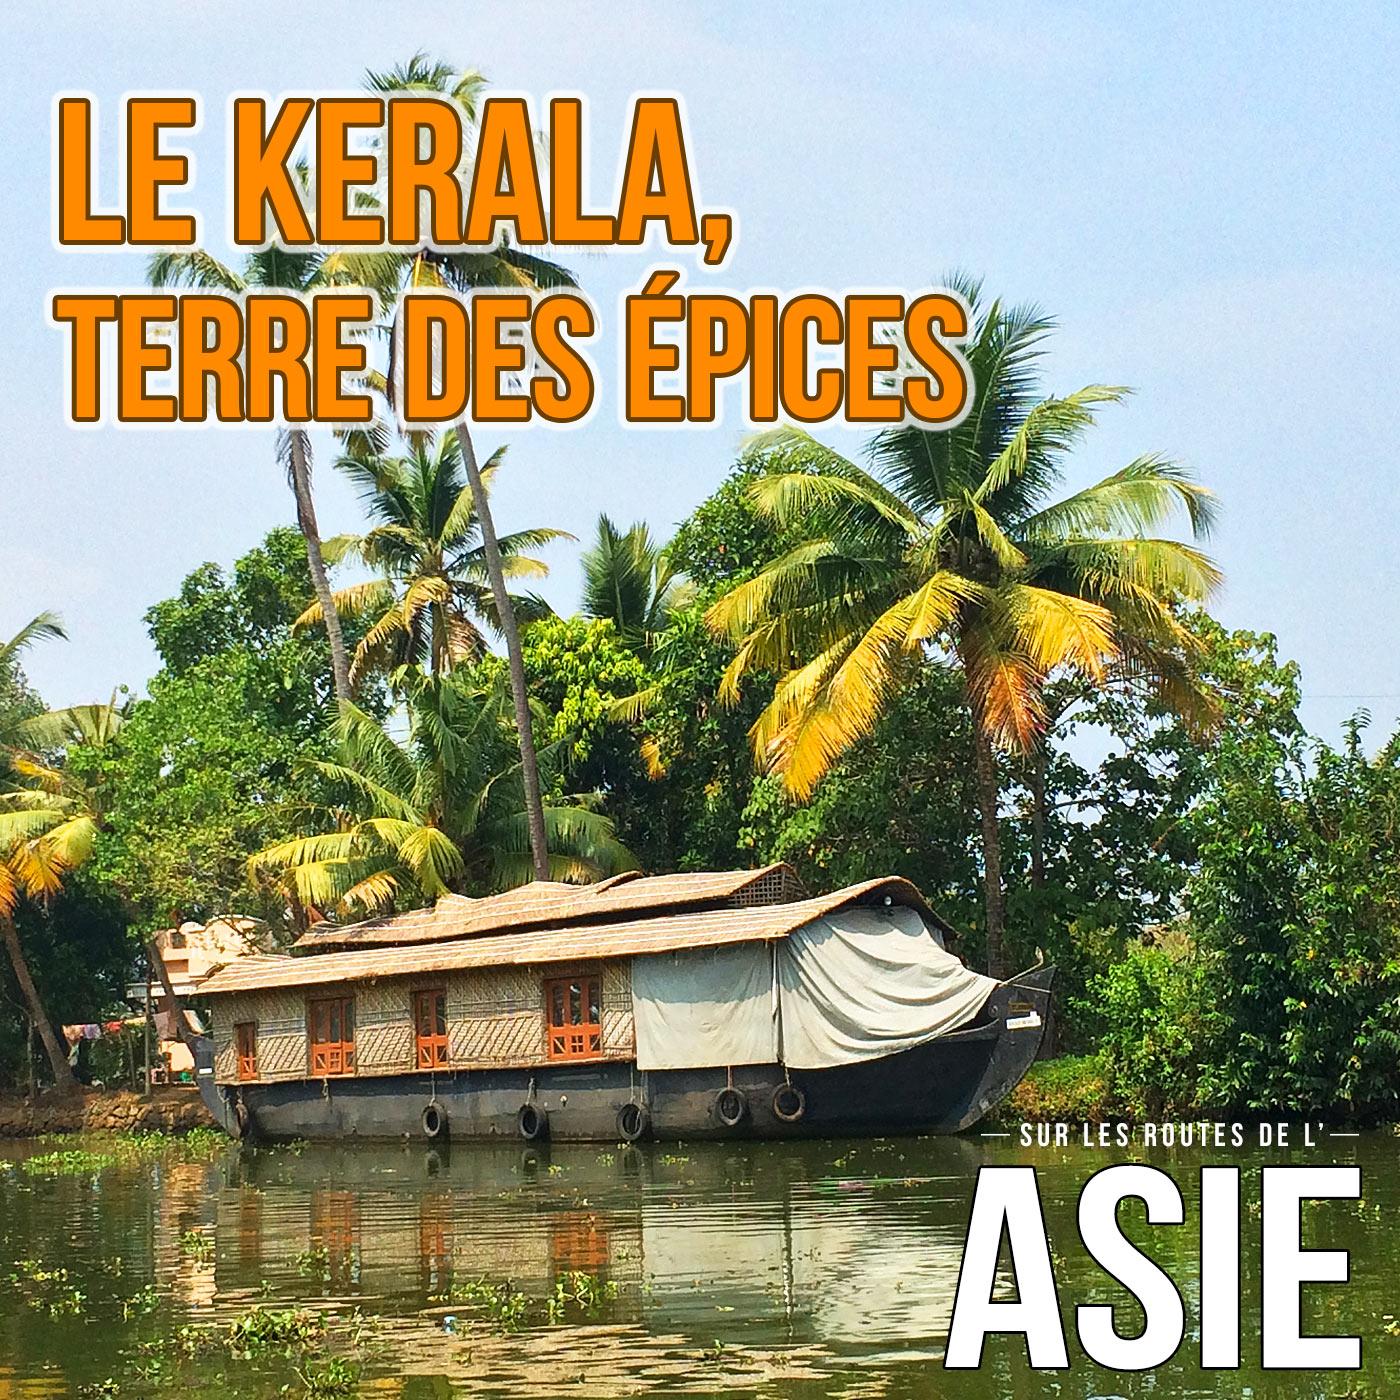 Le Kerala, terre des épices (Inde)